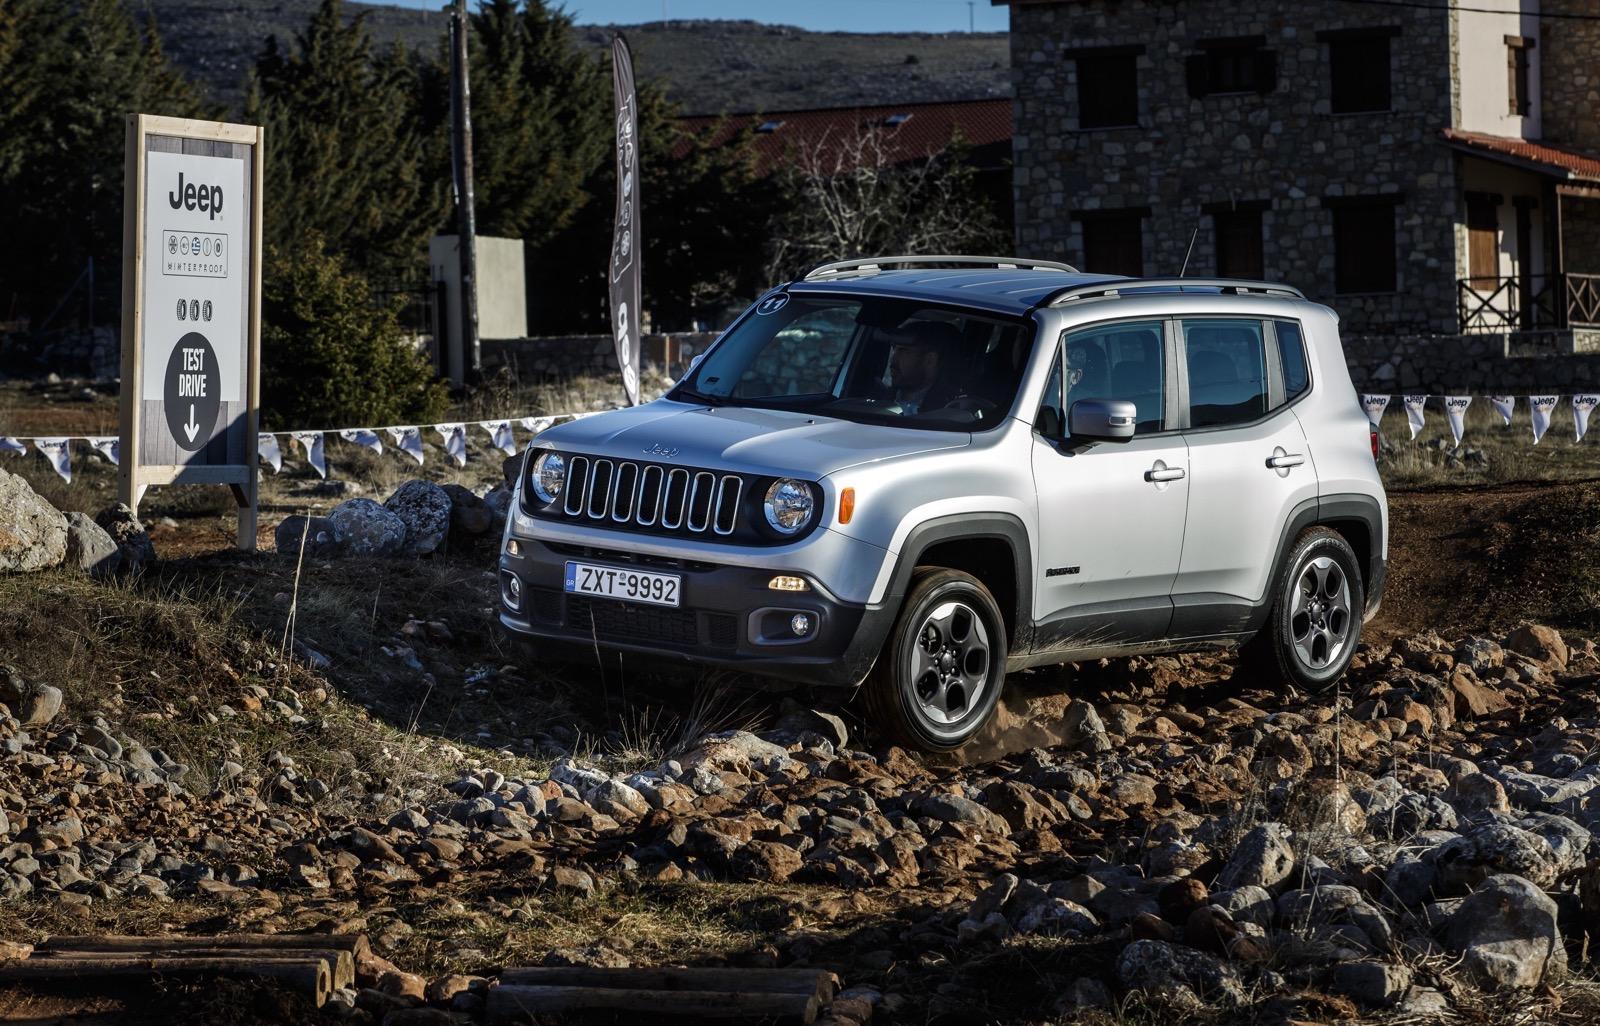 Jeep_Camp_Arahova_40